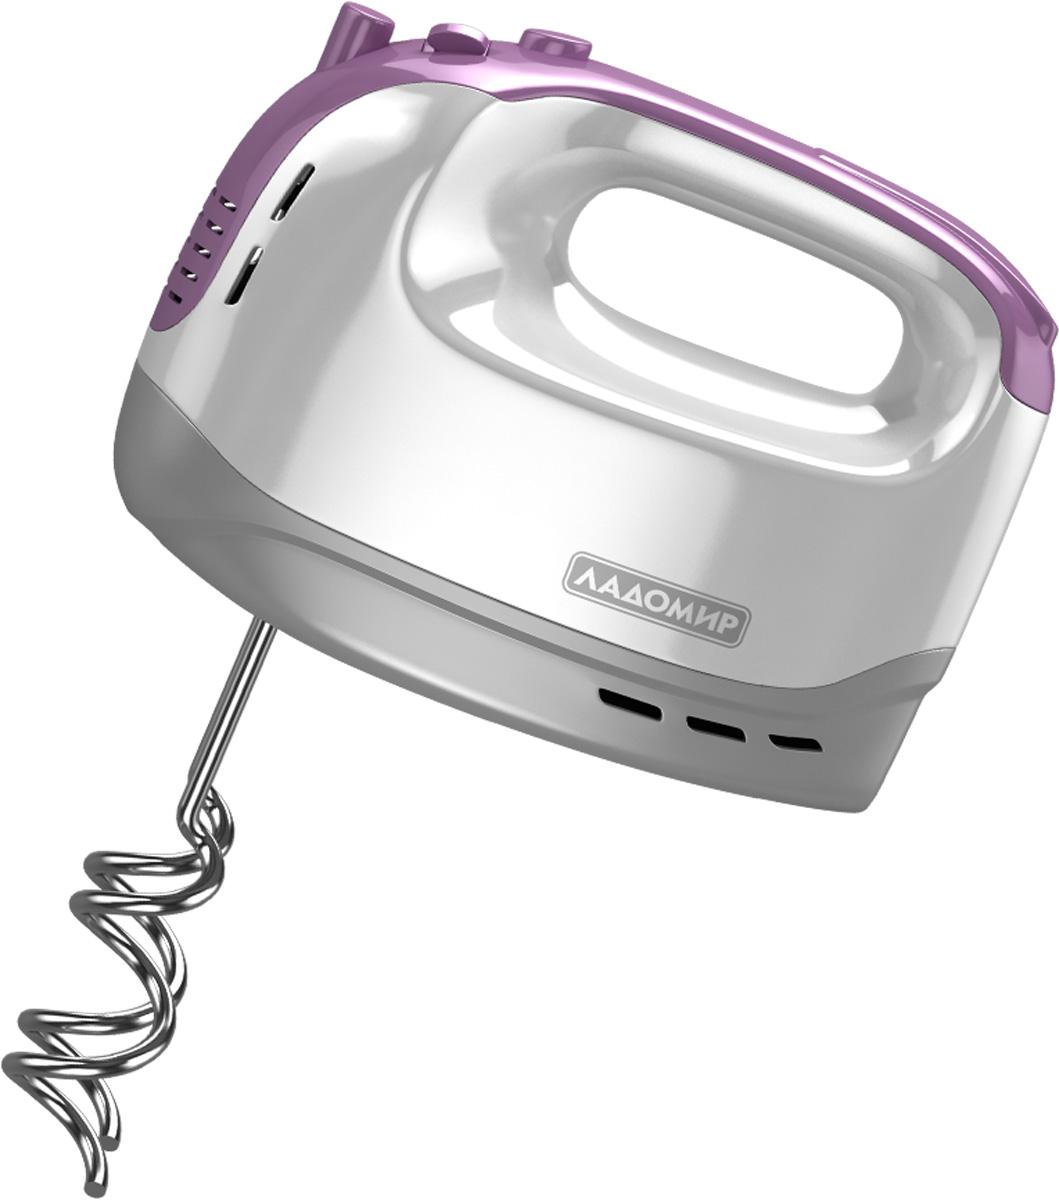 лучшая цена Миксер Ладомир 88, цвет белый фиолетовый